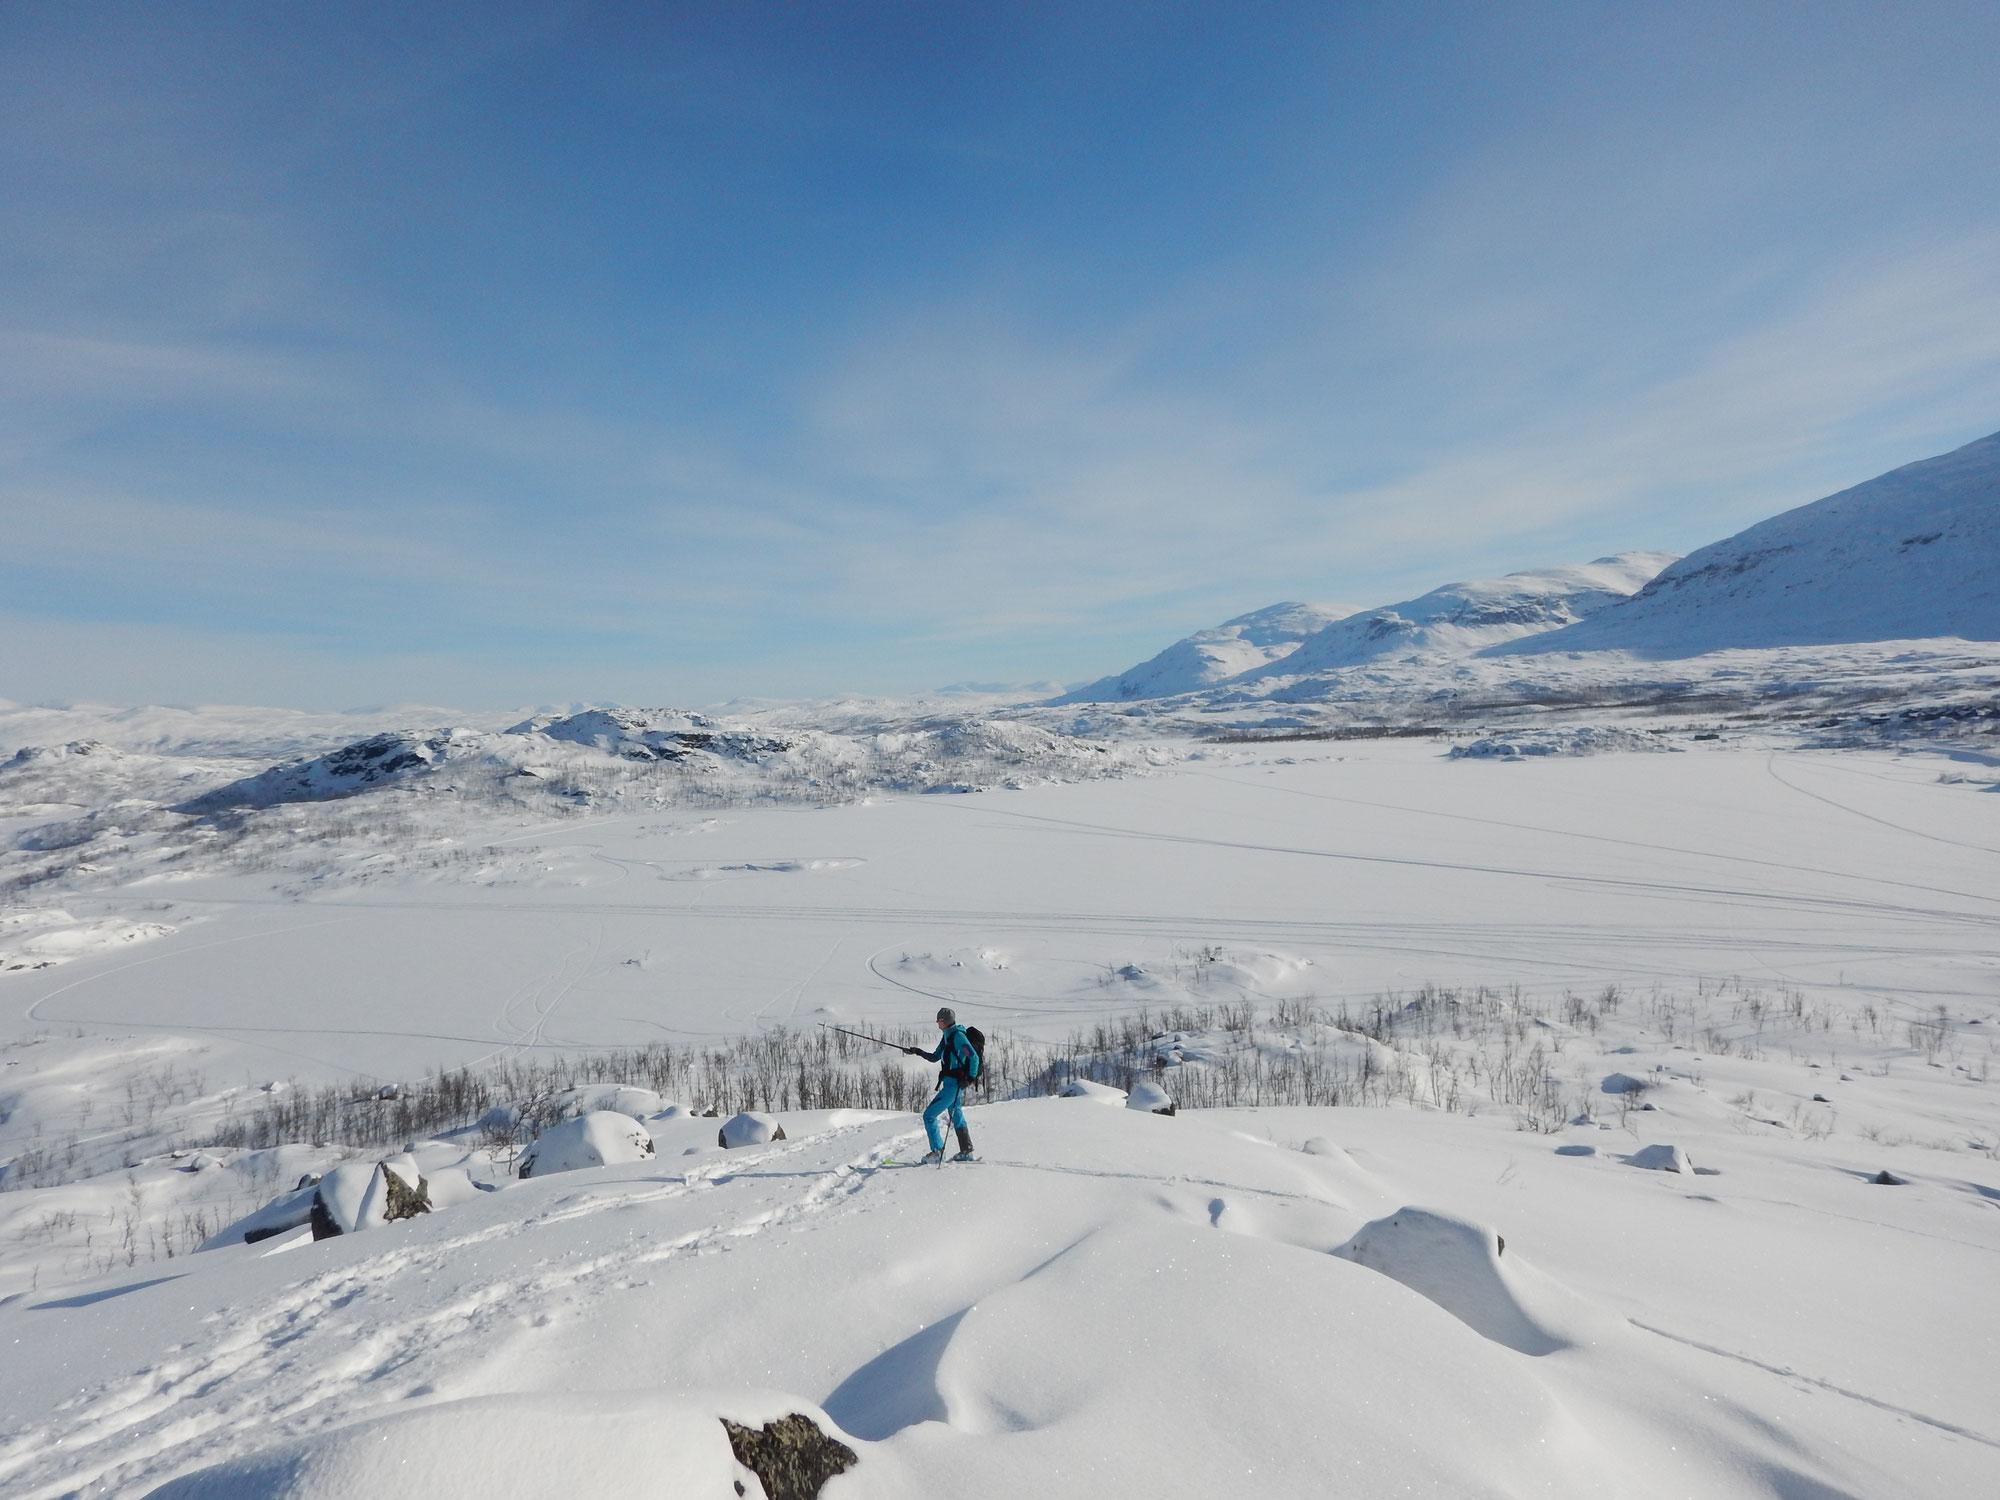 Riksgränsen: Das nördlichste Skigebiet der Welt